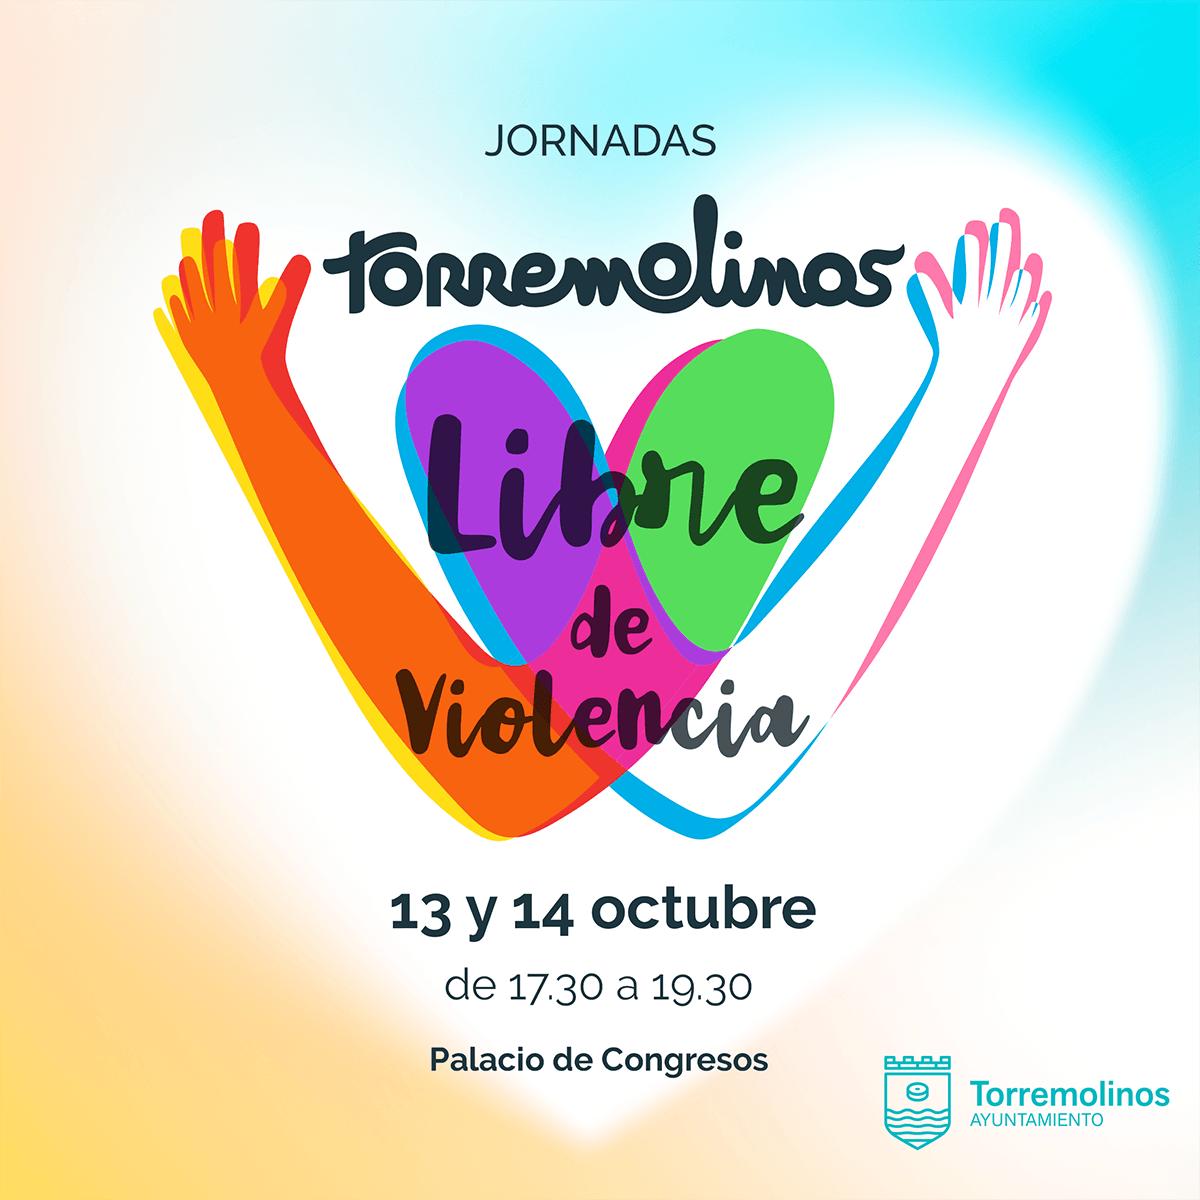 Jornadas Torremolinos Libre de Violencia